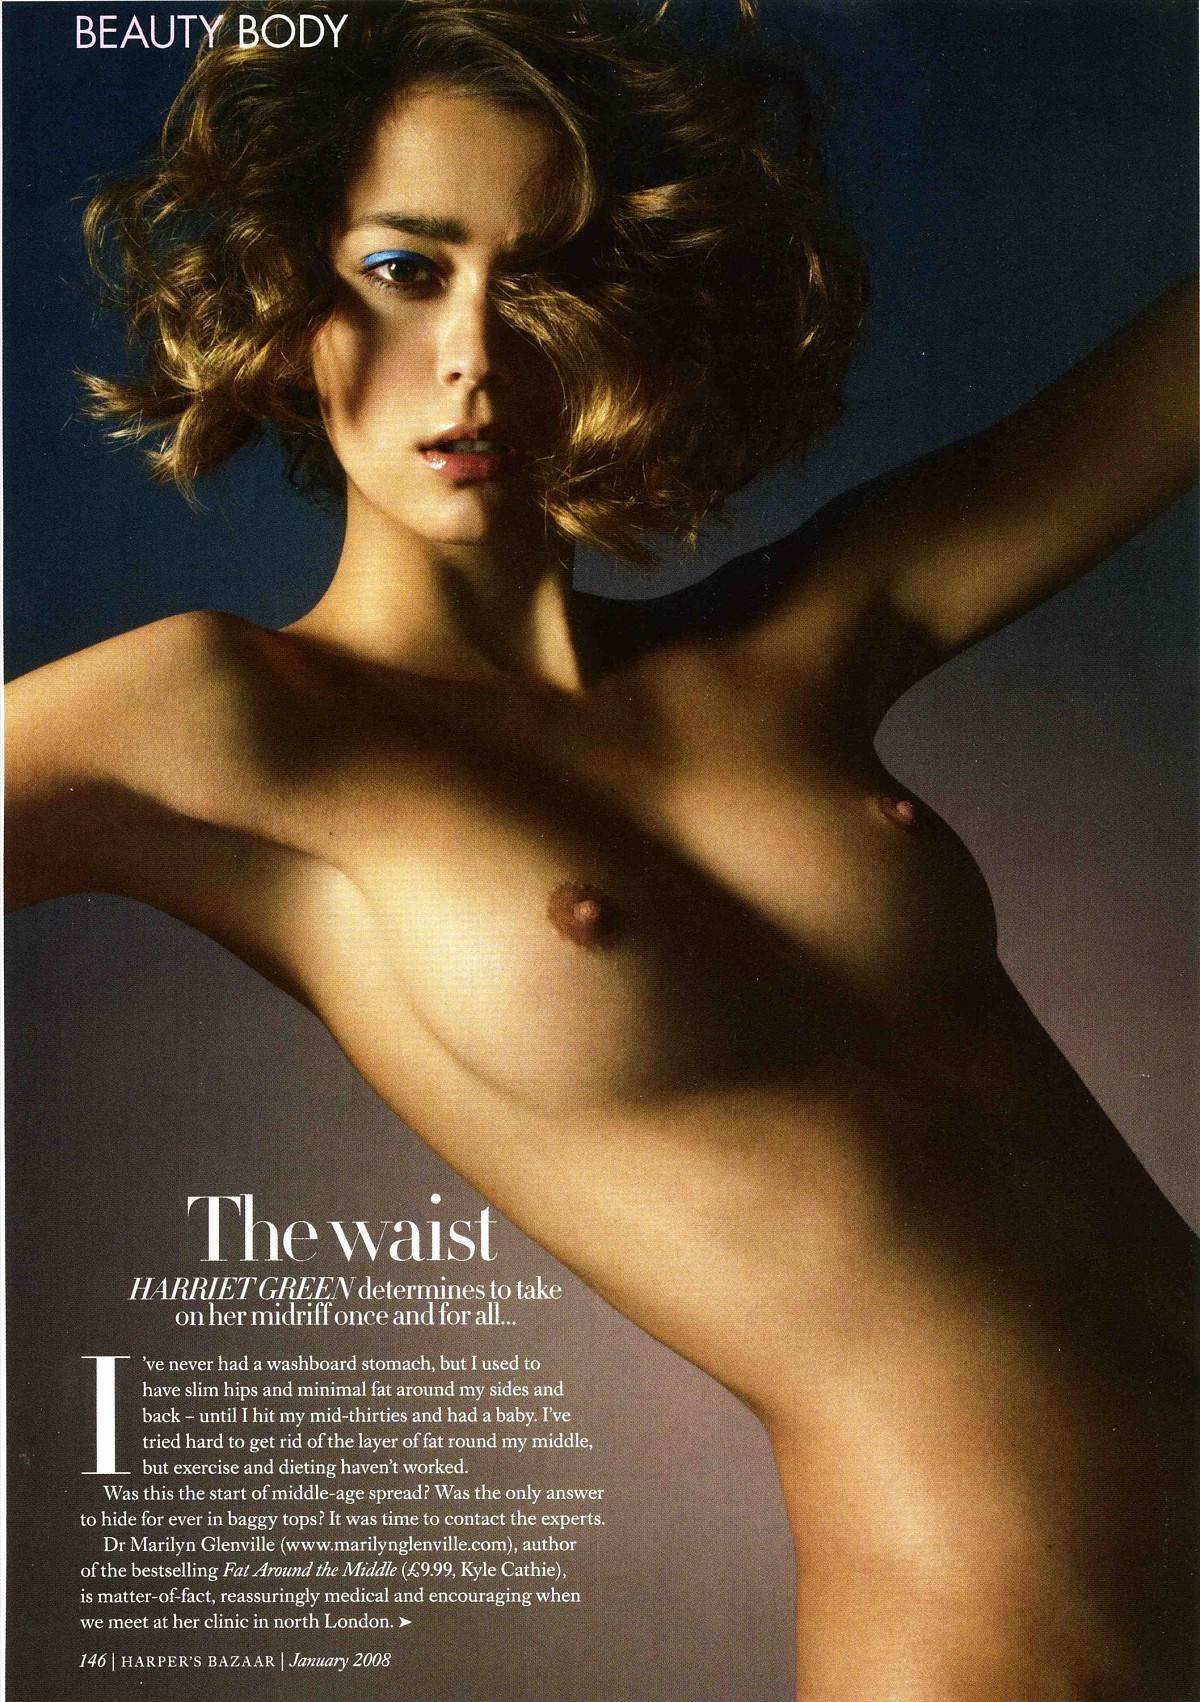 【外人】フランス人スーパーモデルのモルガン・デュブレ(Morgane Dubled)がファッション誌で乳首をさらるおっぱいポルノ画像 3180